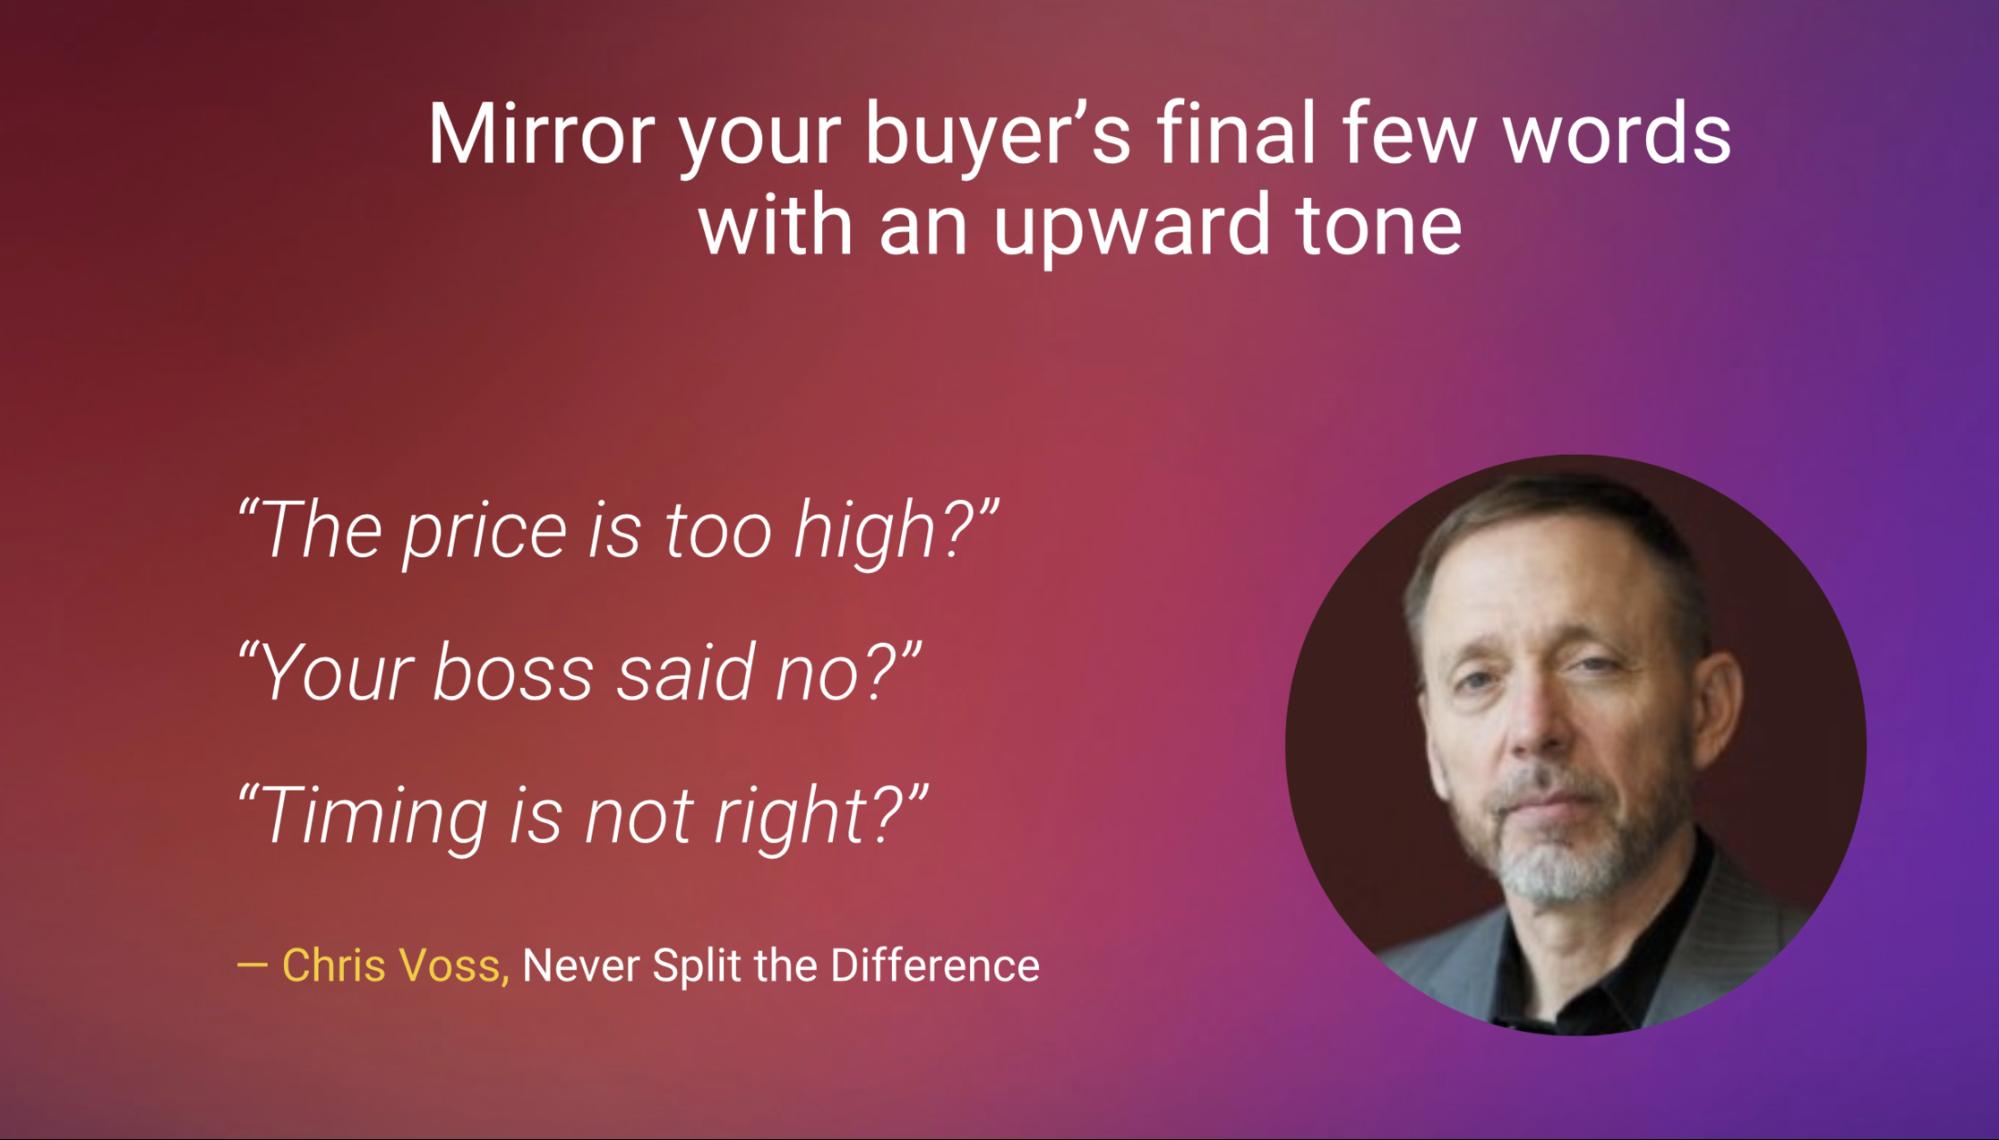 Mirroring sales technique